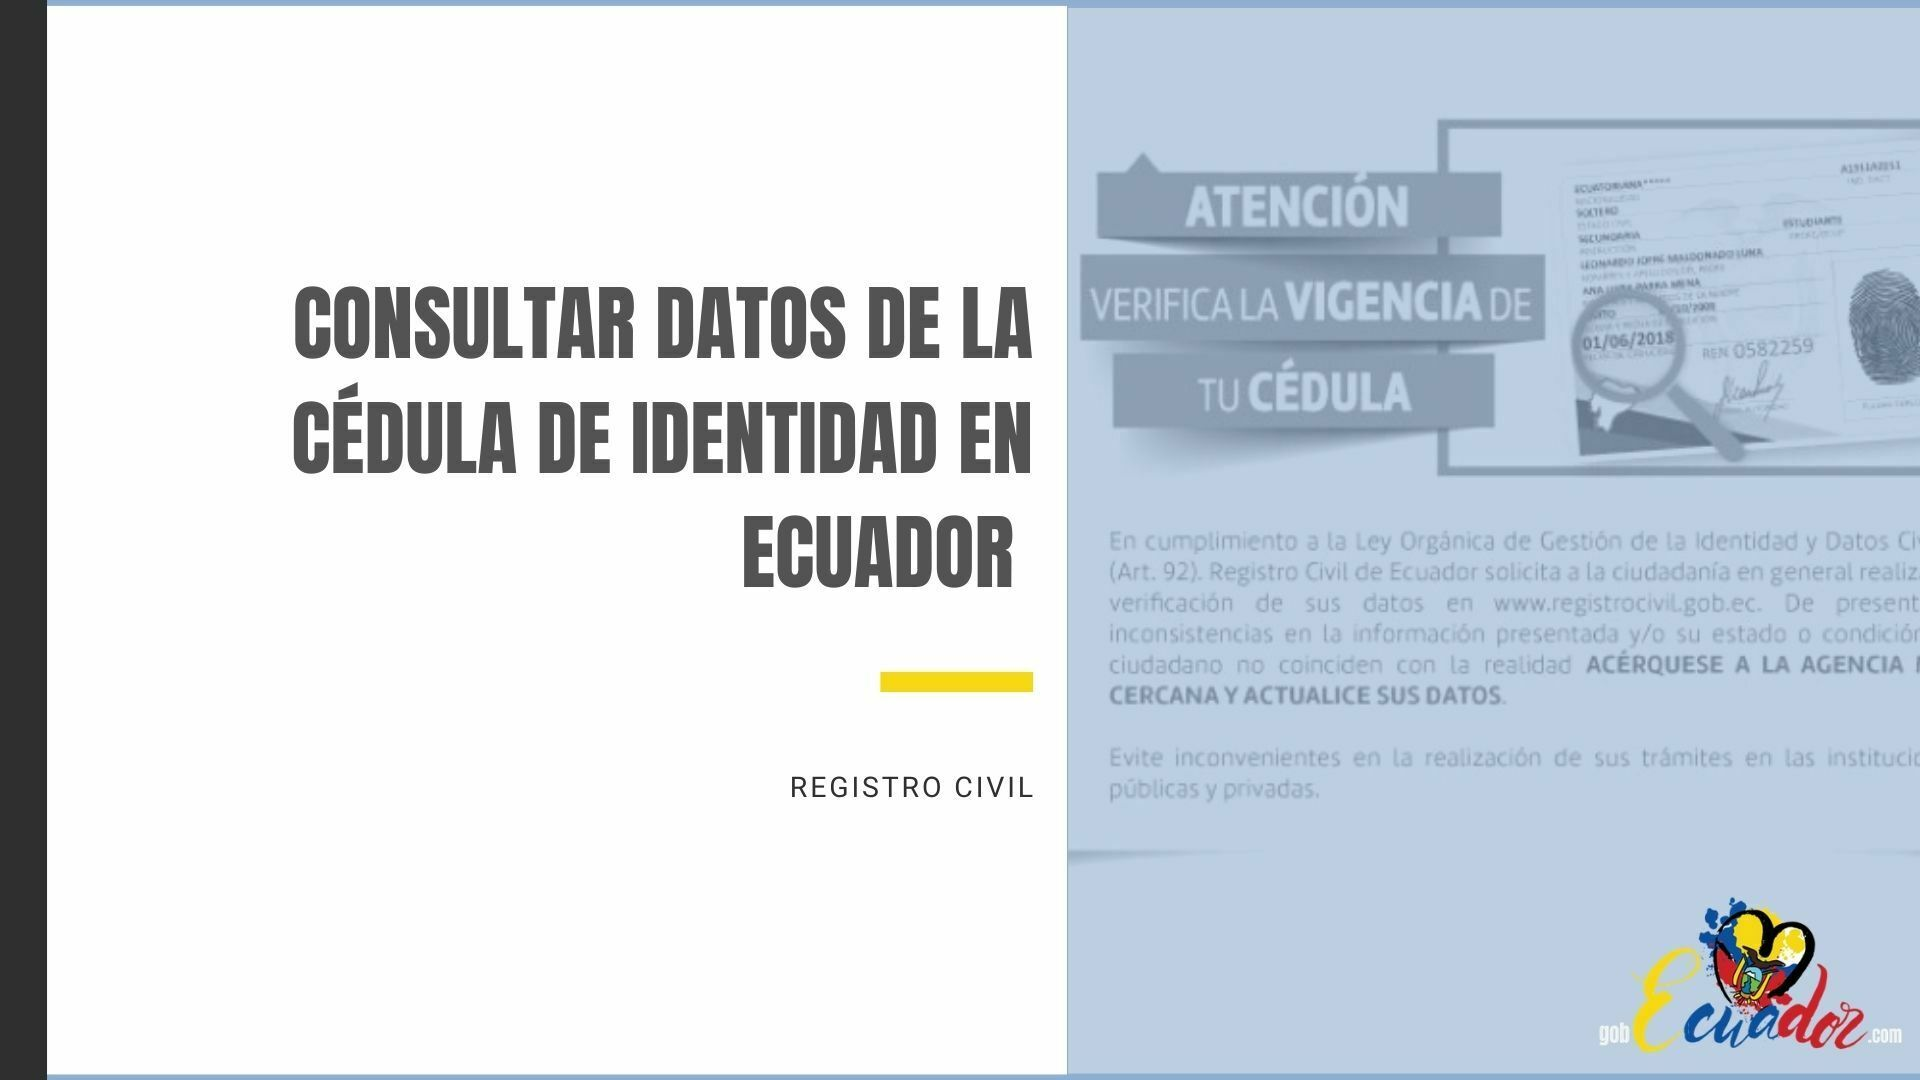 Consultar datos de la Cédula de Identidad en Ecuador Registro Civil